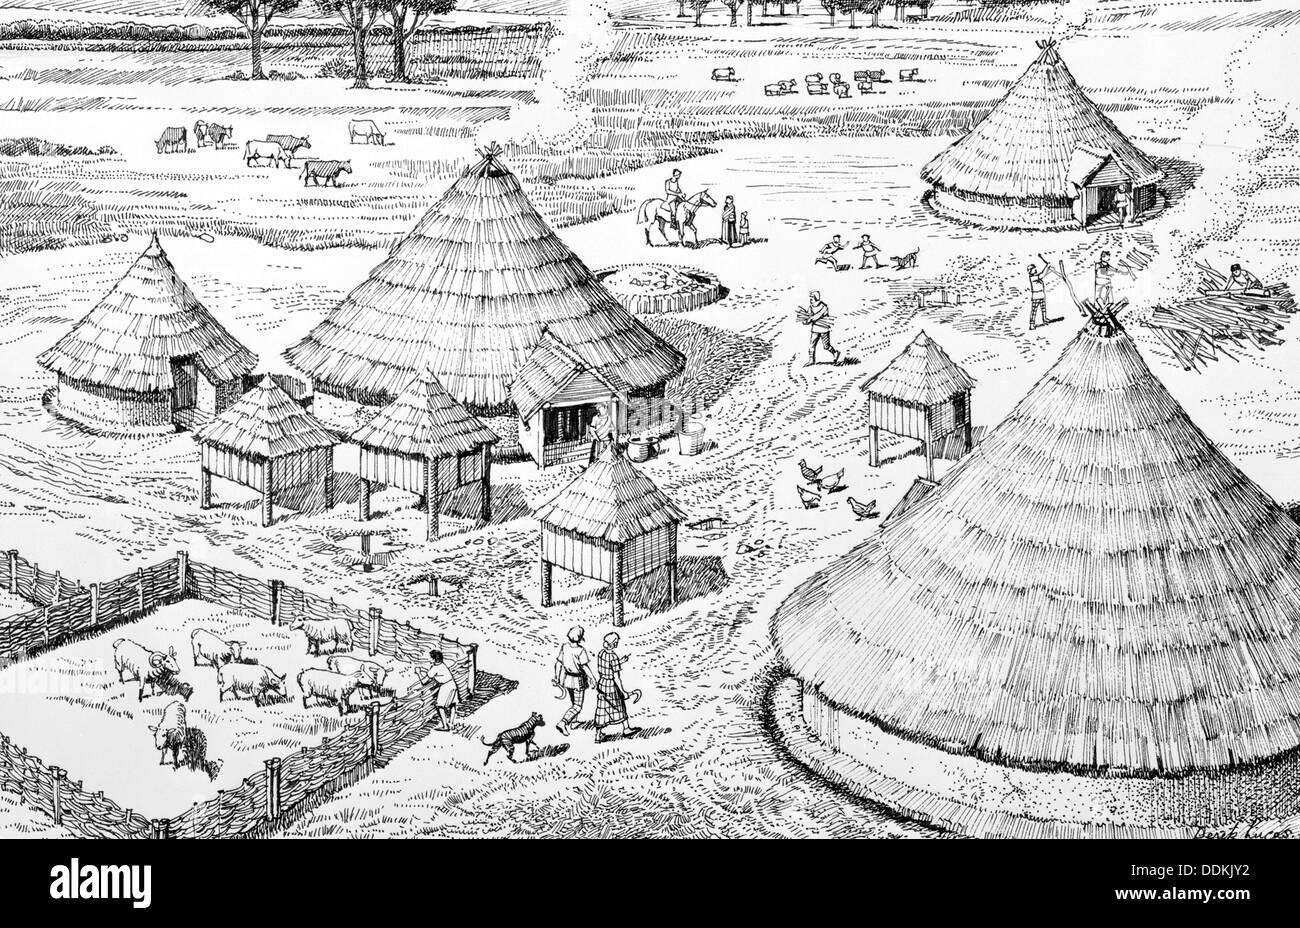 Età del ferro di insediamento, c400-C150 BC. Artista: Derek Lucas Immagini Stock